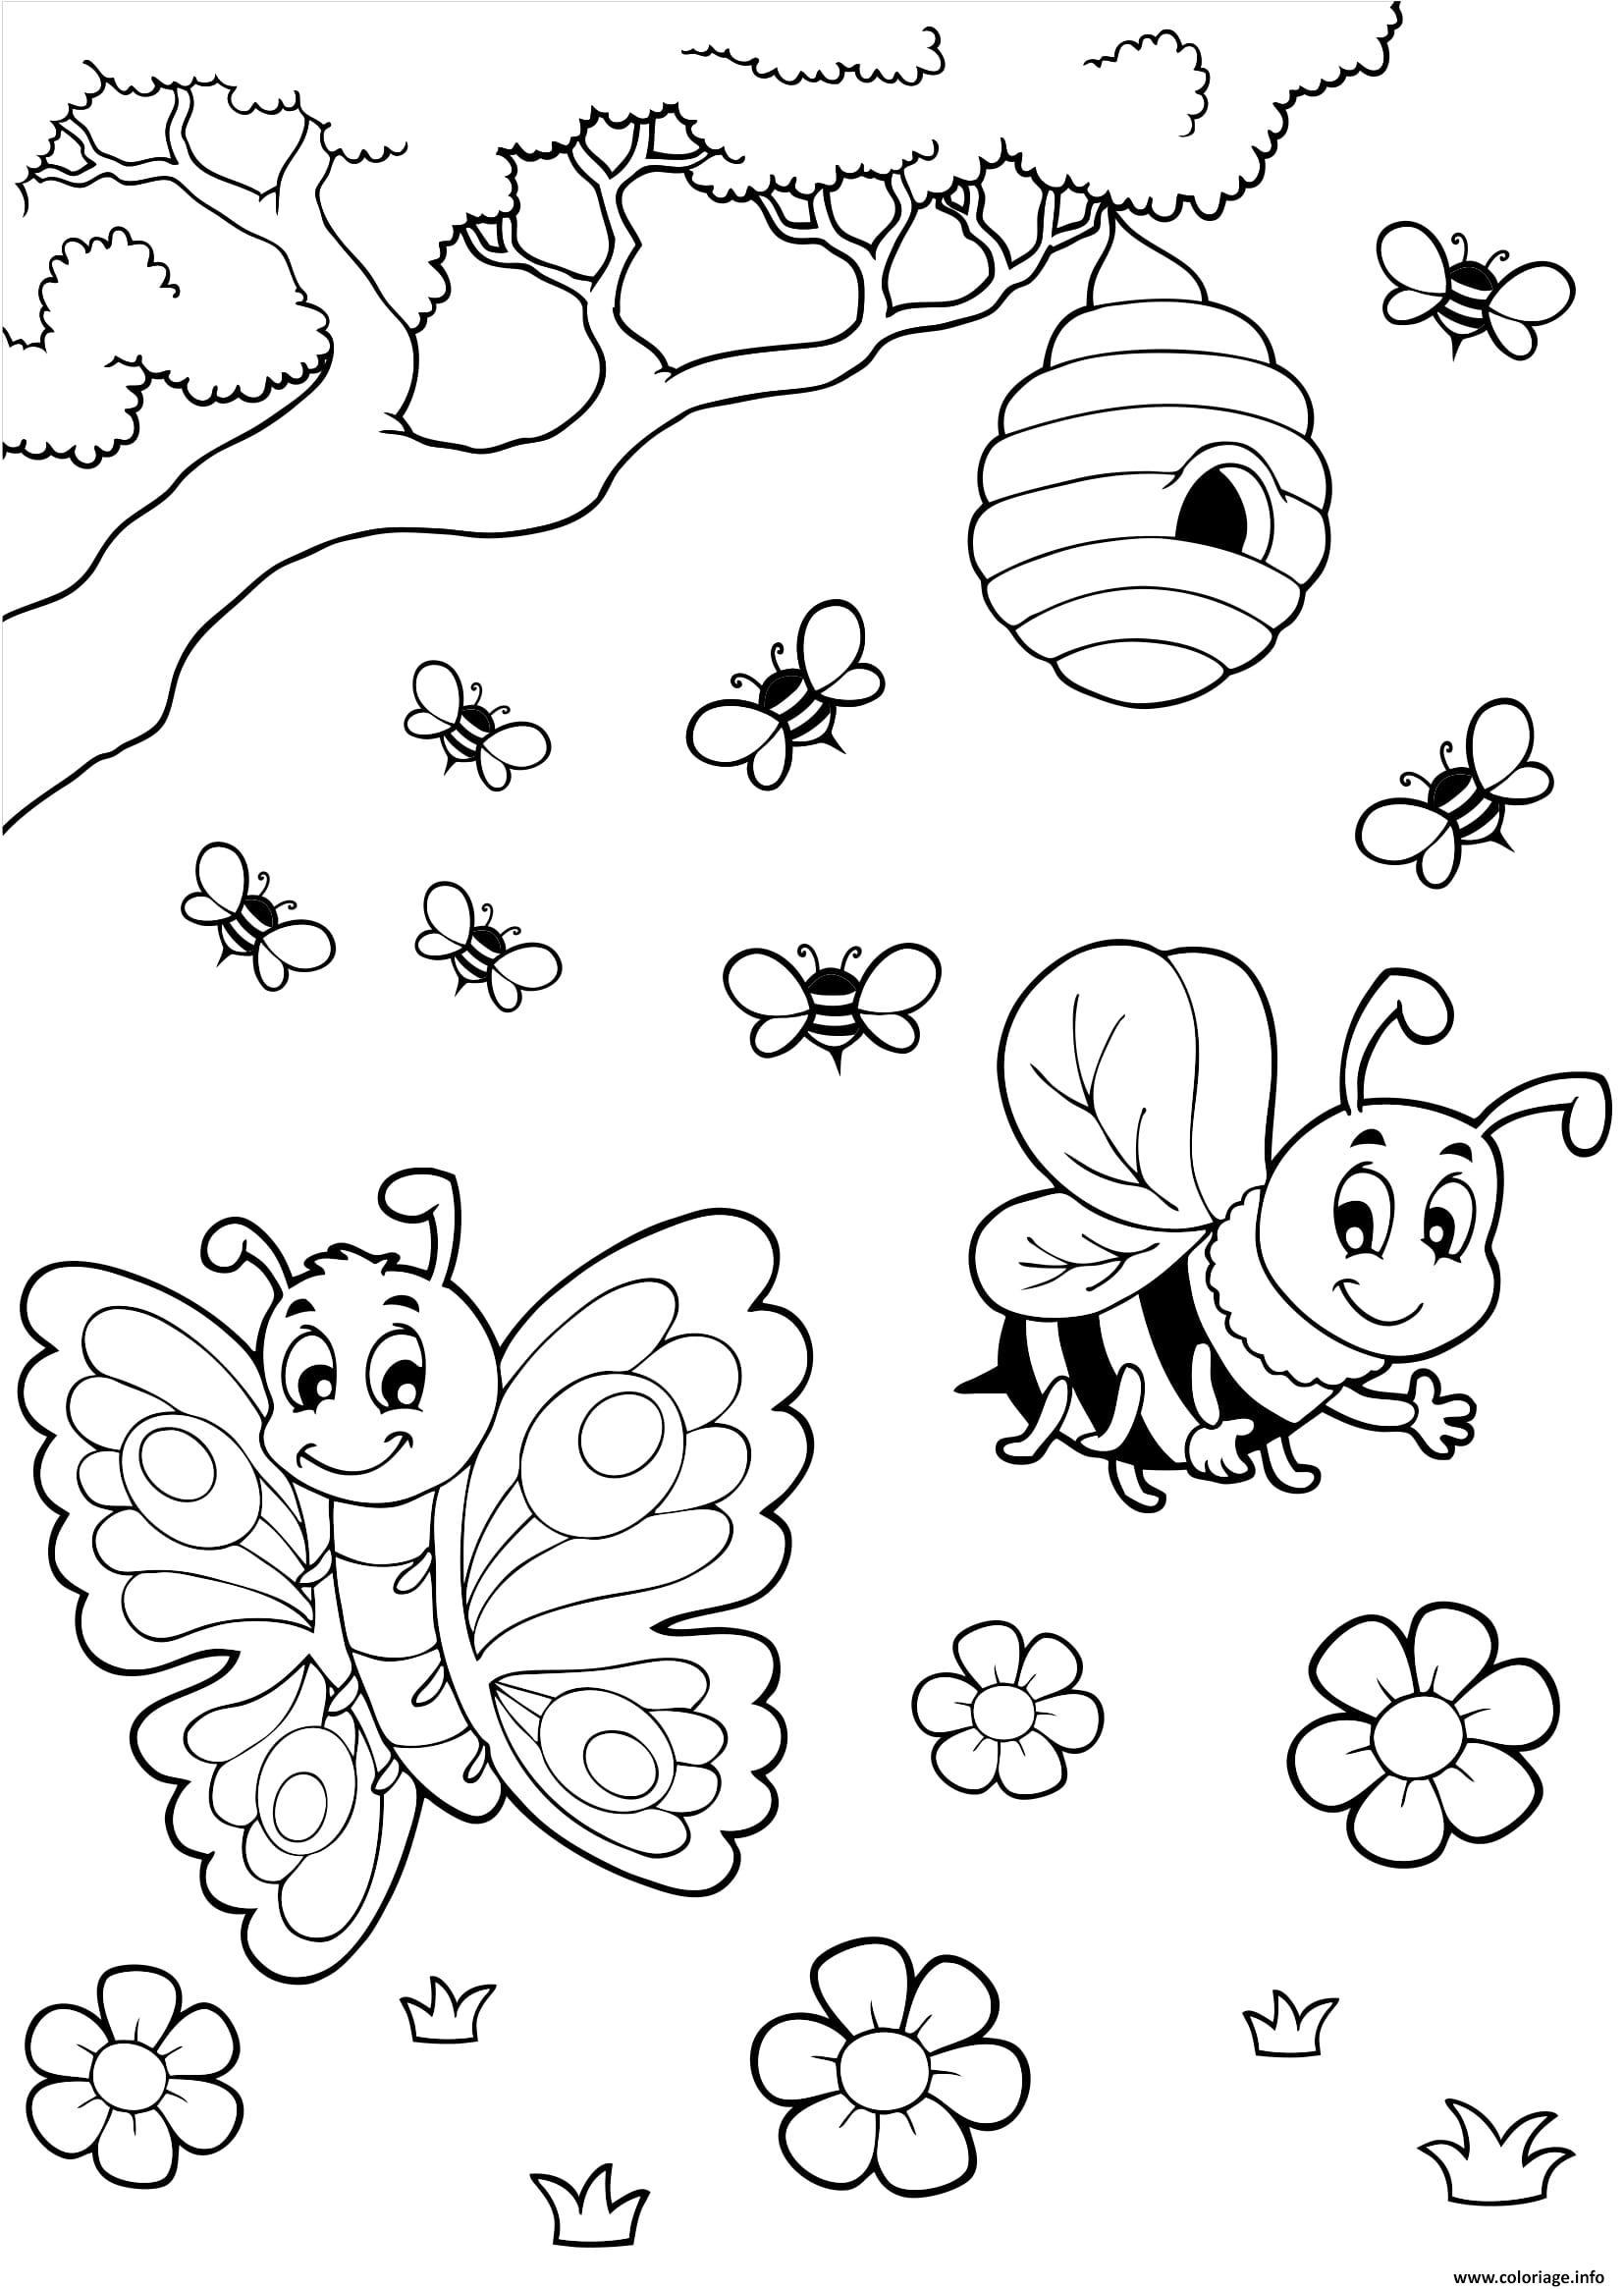 Coloriage papillon abeille miel dessin - Coloriage image ...